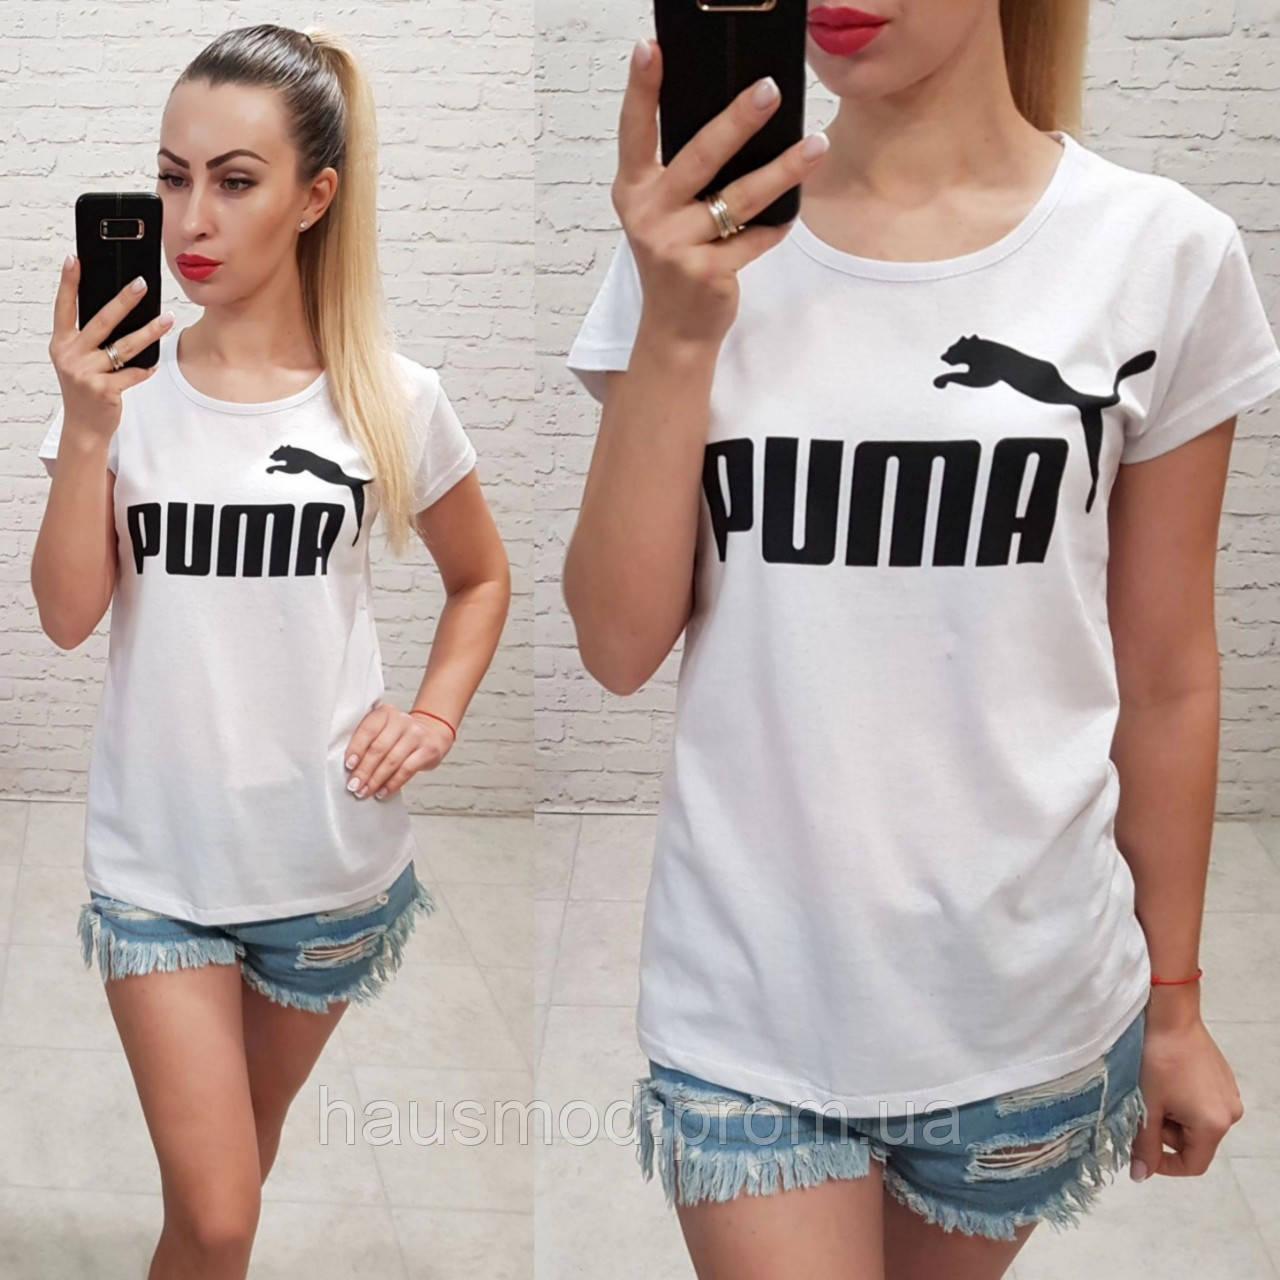 Женская летняя футболка 100% катон реплика Puma Турция белая